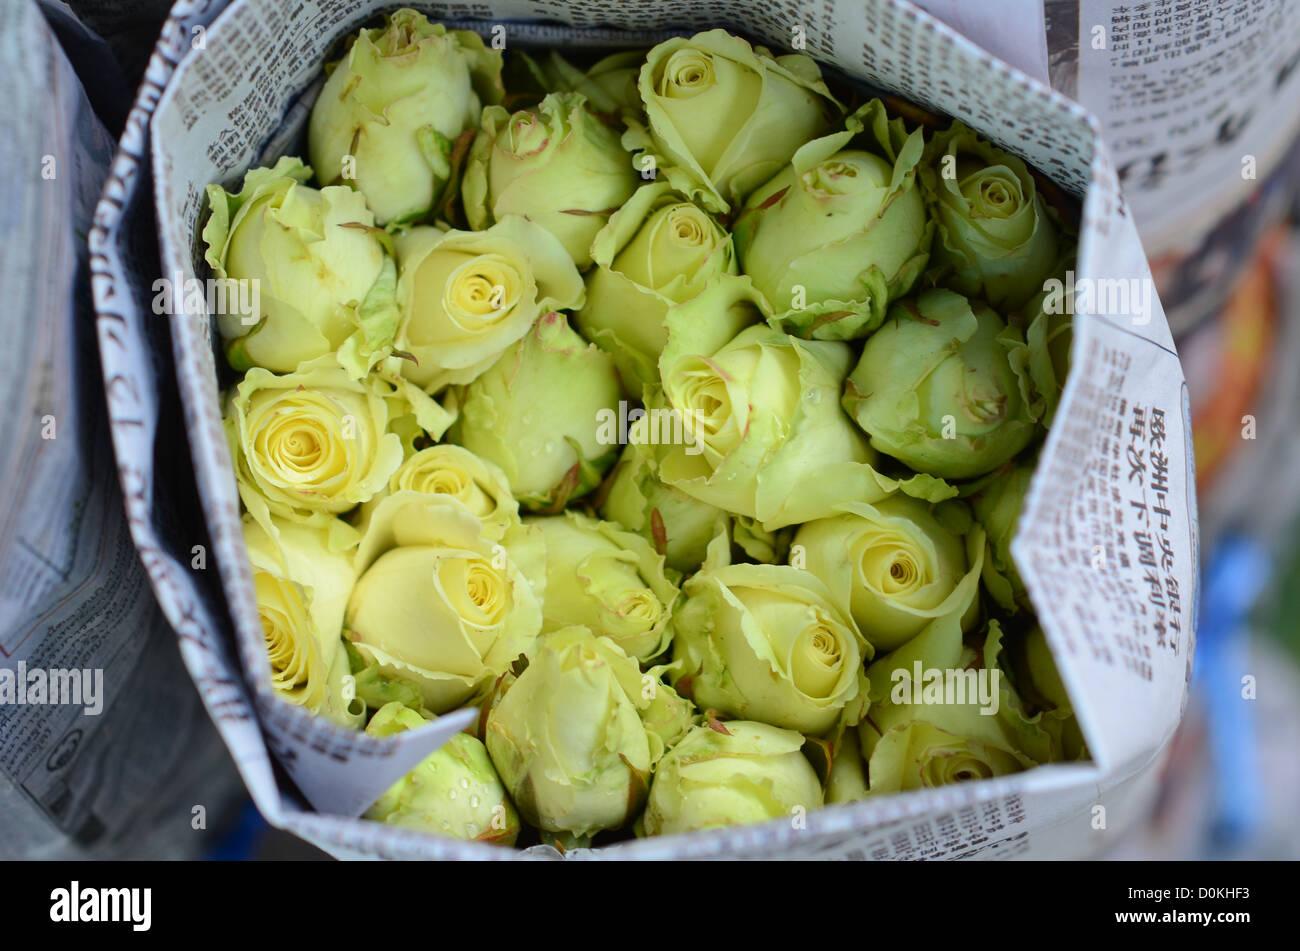 Un mazzo di rose per vendita a Bangkok il mercato dei fiori. Foto Stock